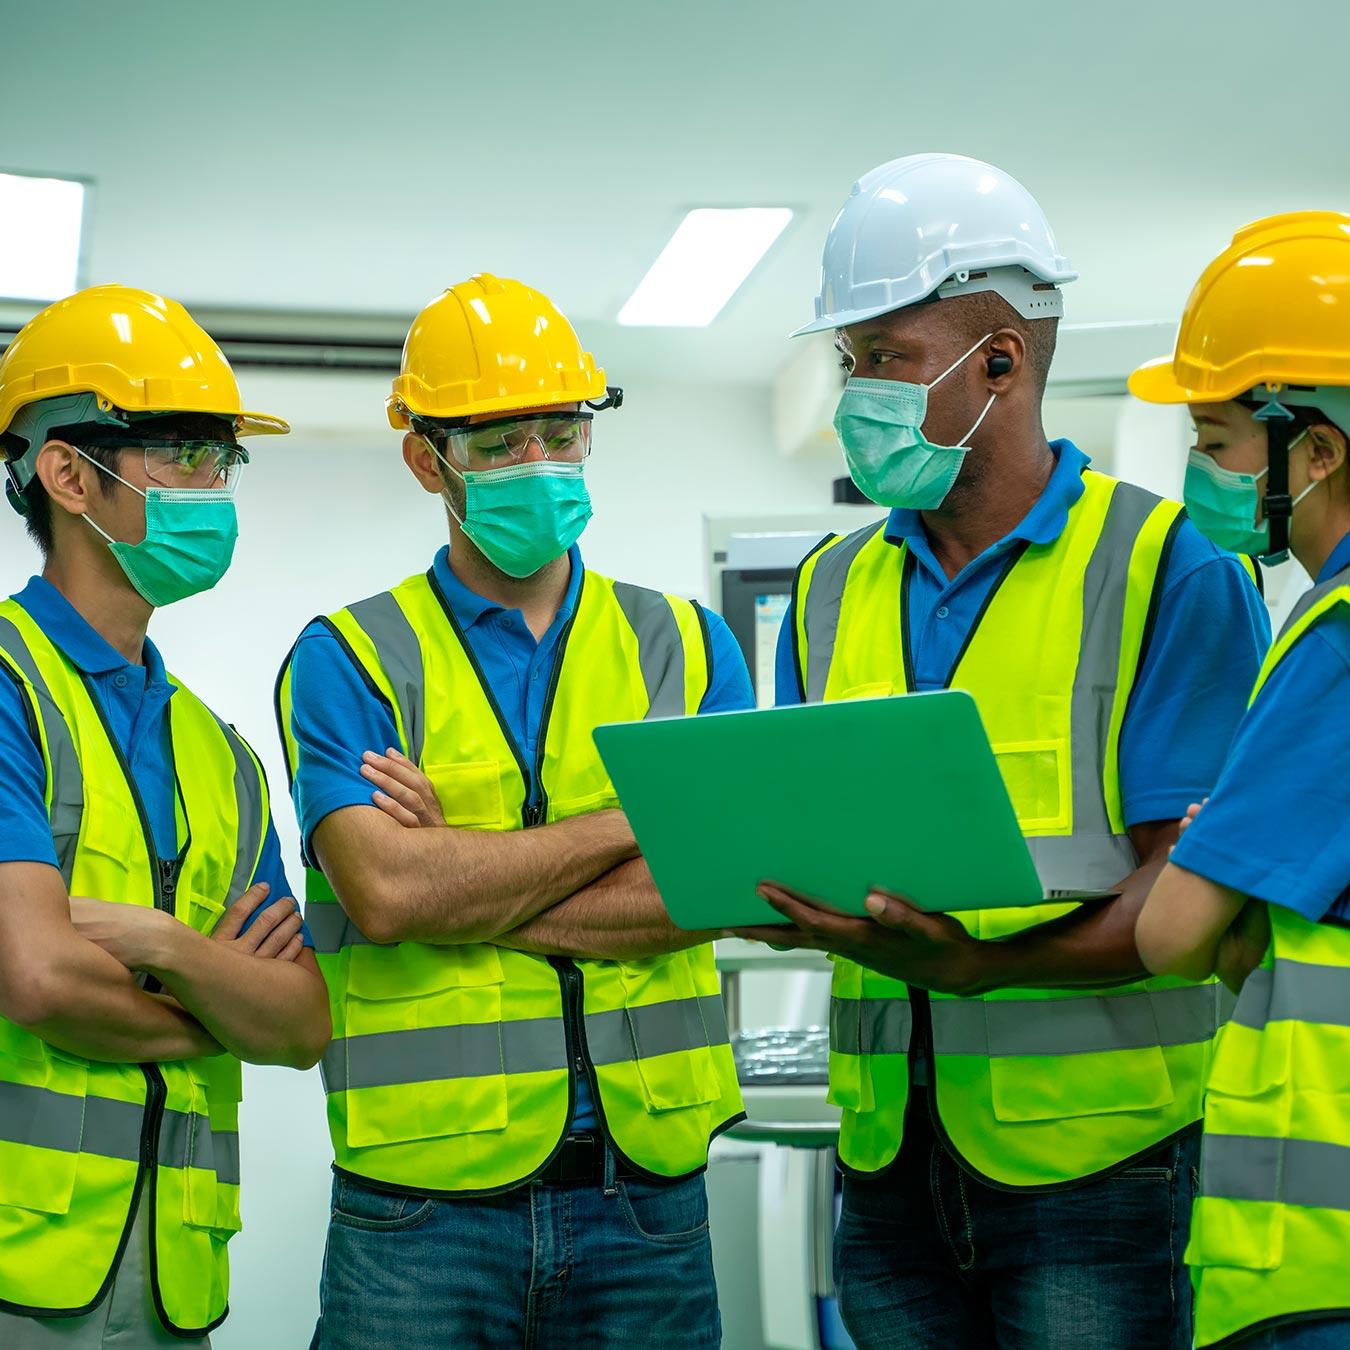 Engenharia de Higiene no Trabalho  - PUC Minas